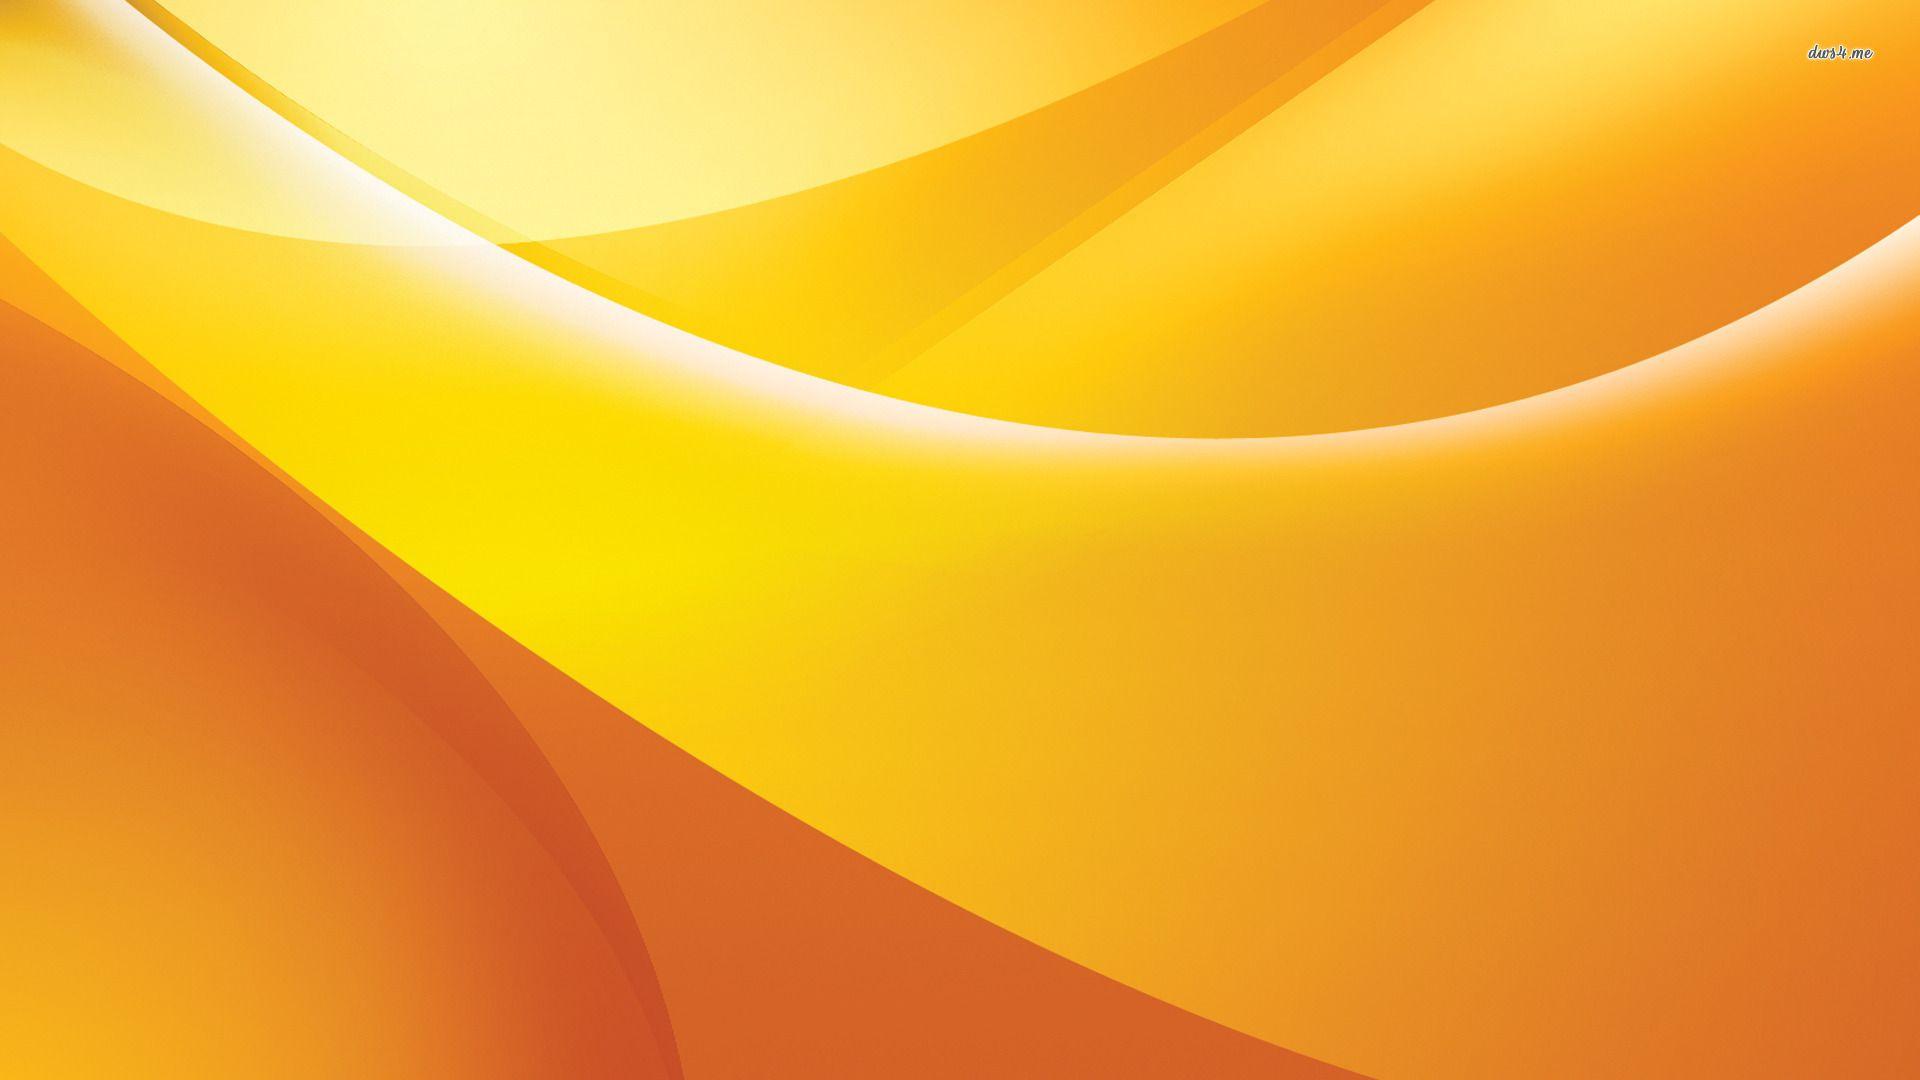 Orange Free Wallpaper